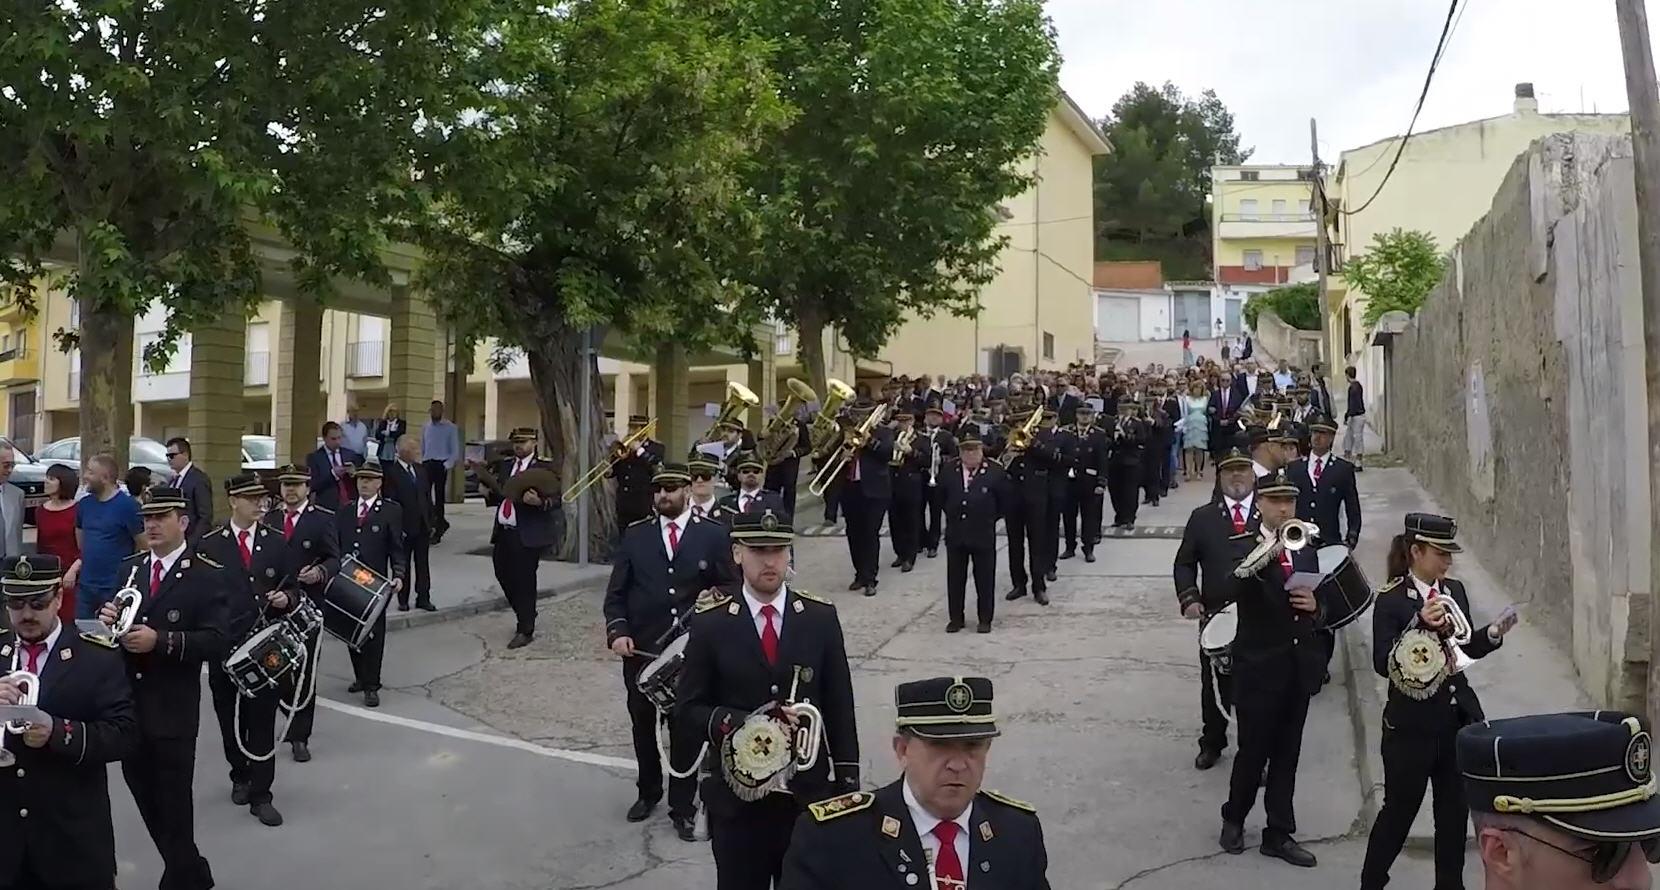 banda de cruz roja | Informaciones de Cuenca